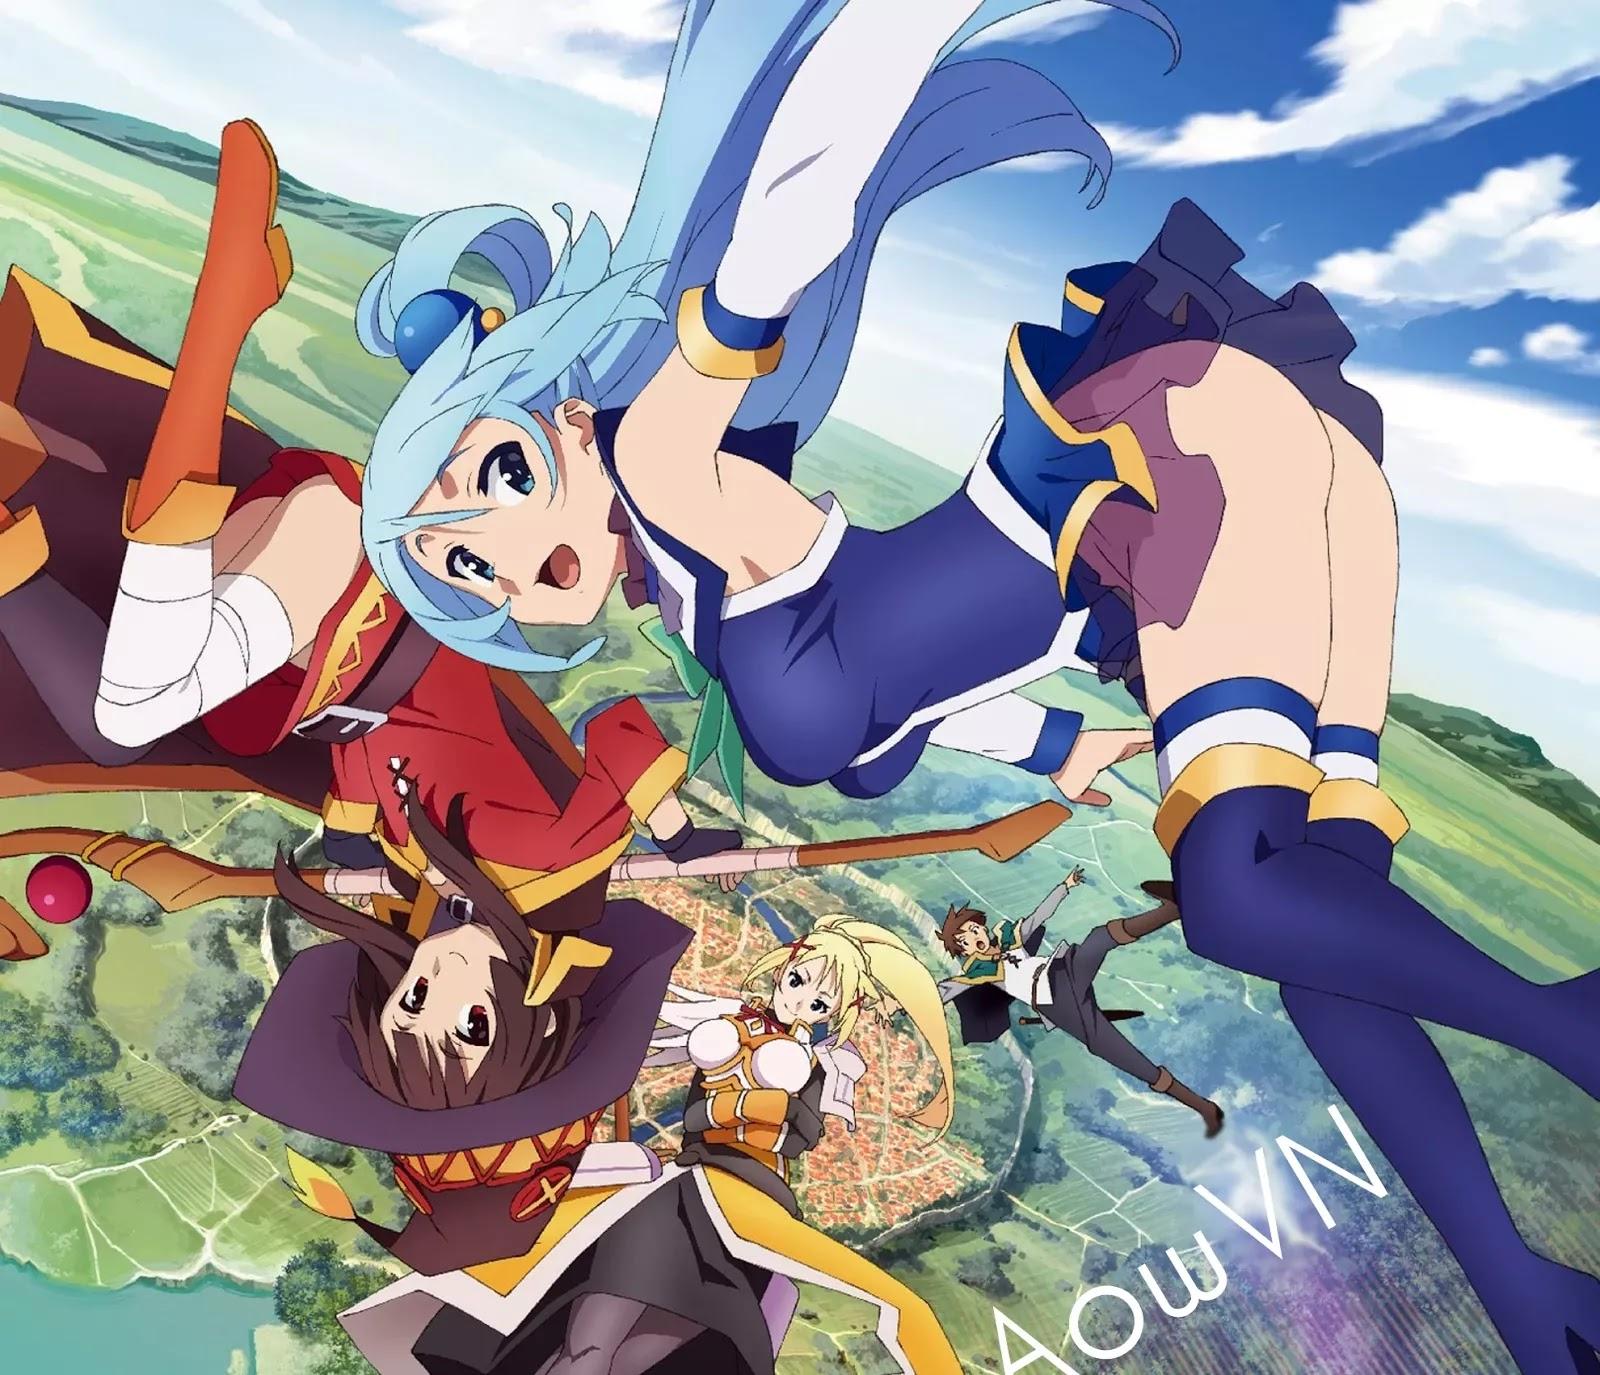 konosuba aowvn - [ Anime 3gp Mp4 ] Kono Subarashii Sekai ni Shukufuku wo! 2 + OVA | Vietsub - Cực hài